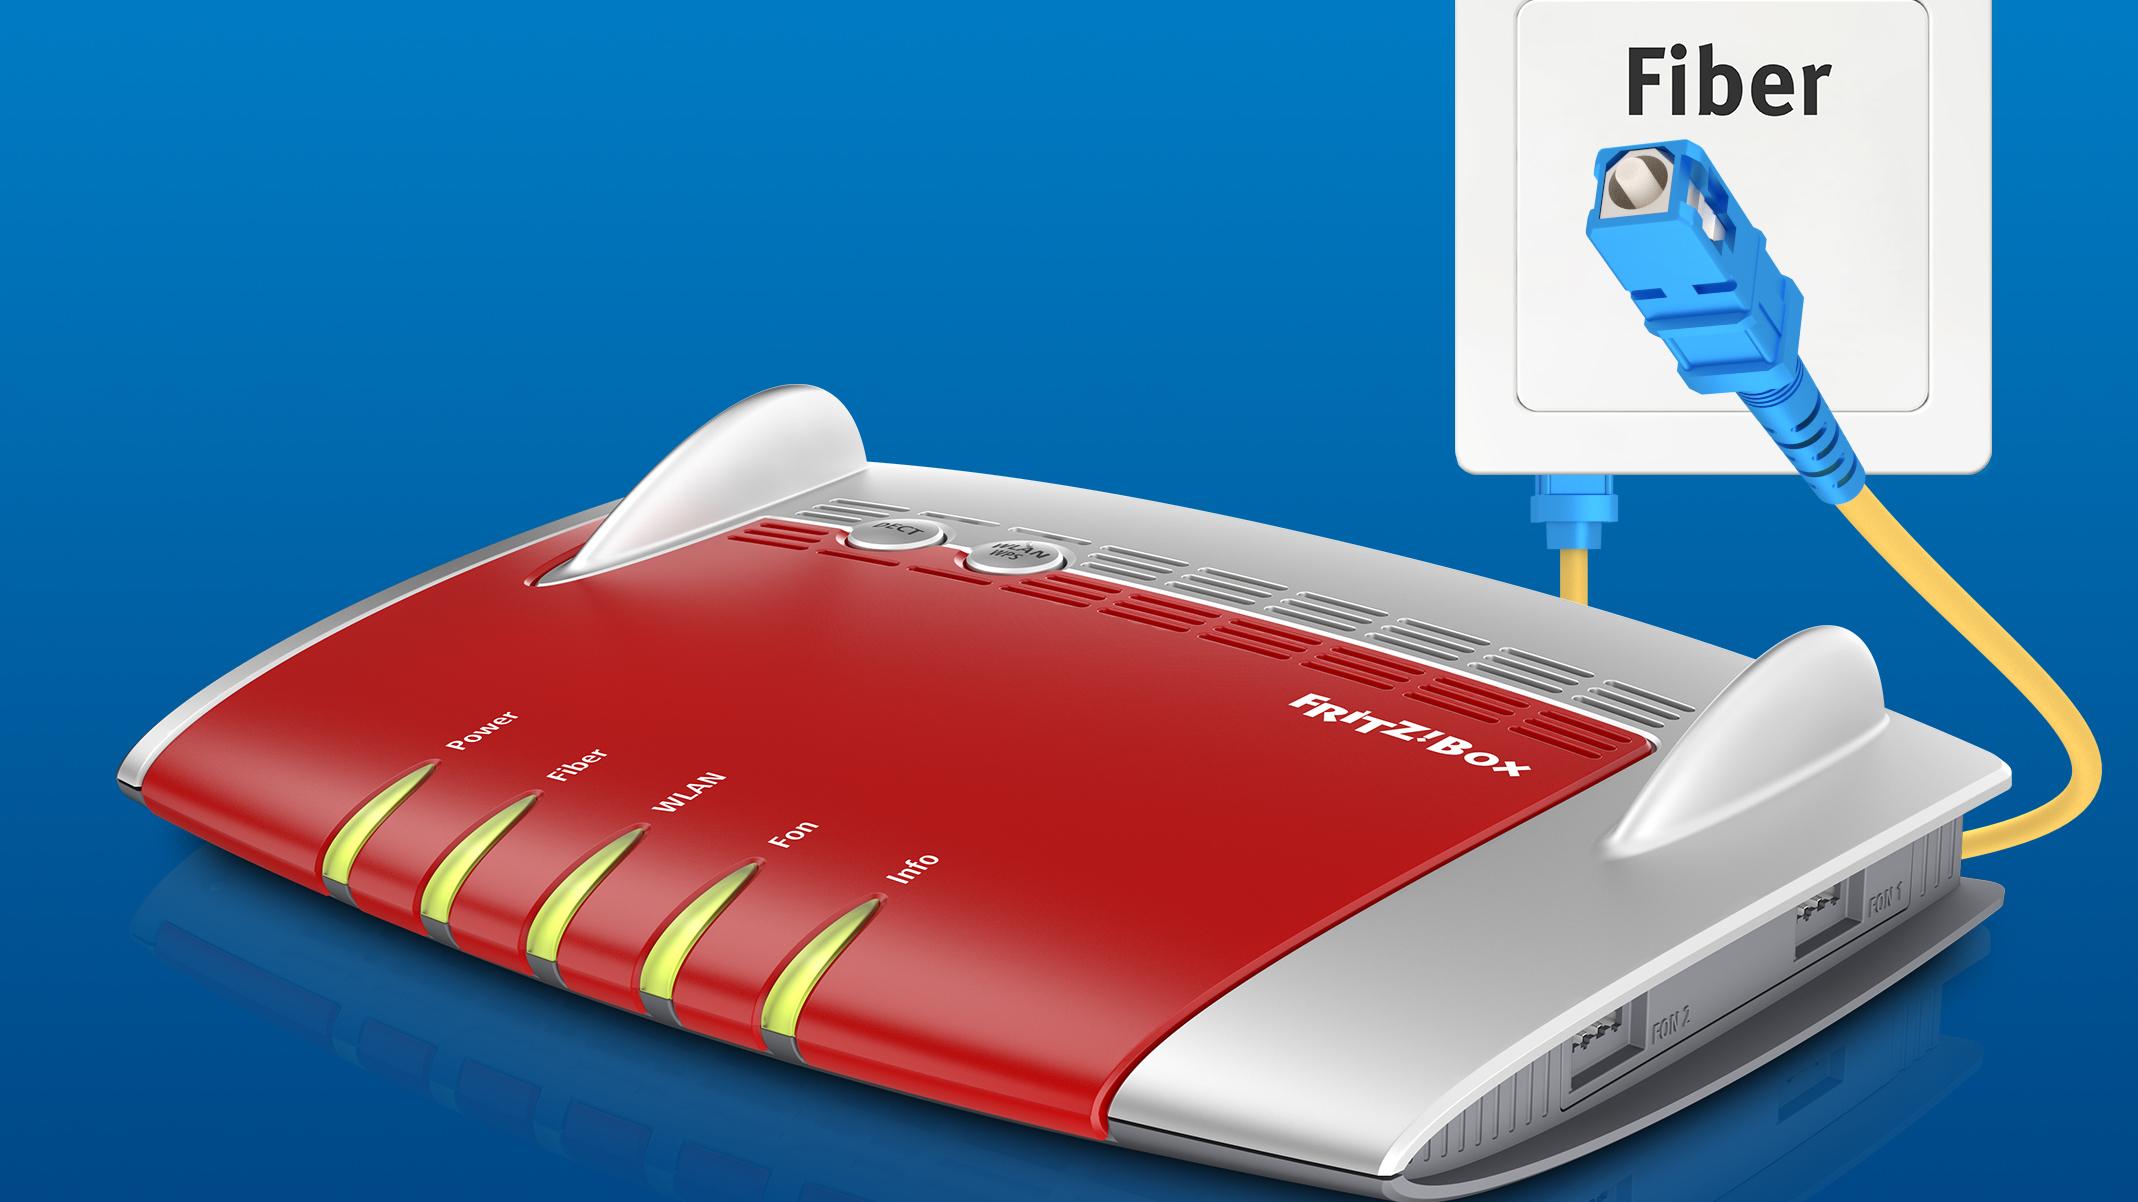 gigabit internet avm erweitert router angebot mit fritzbox 5490 heise online. Black Bedroom Furniture Sets. Home Design Ideas